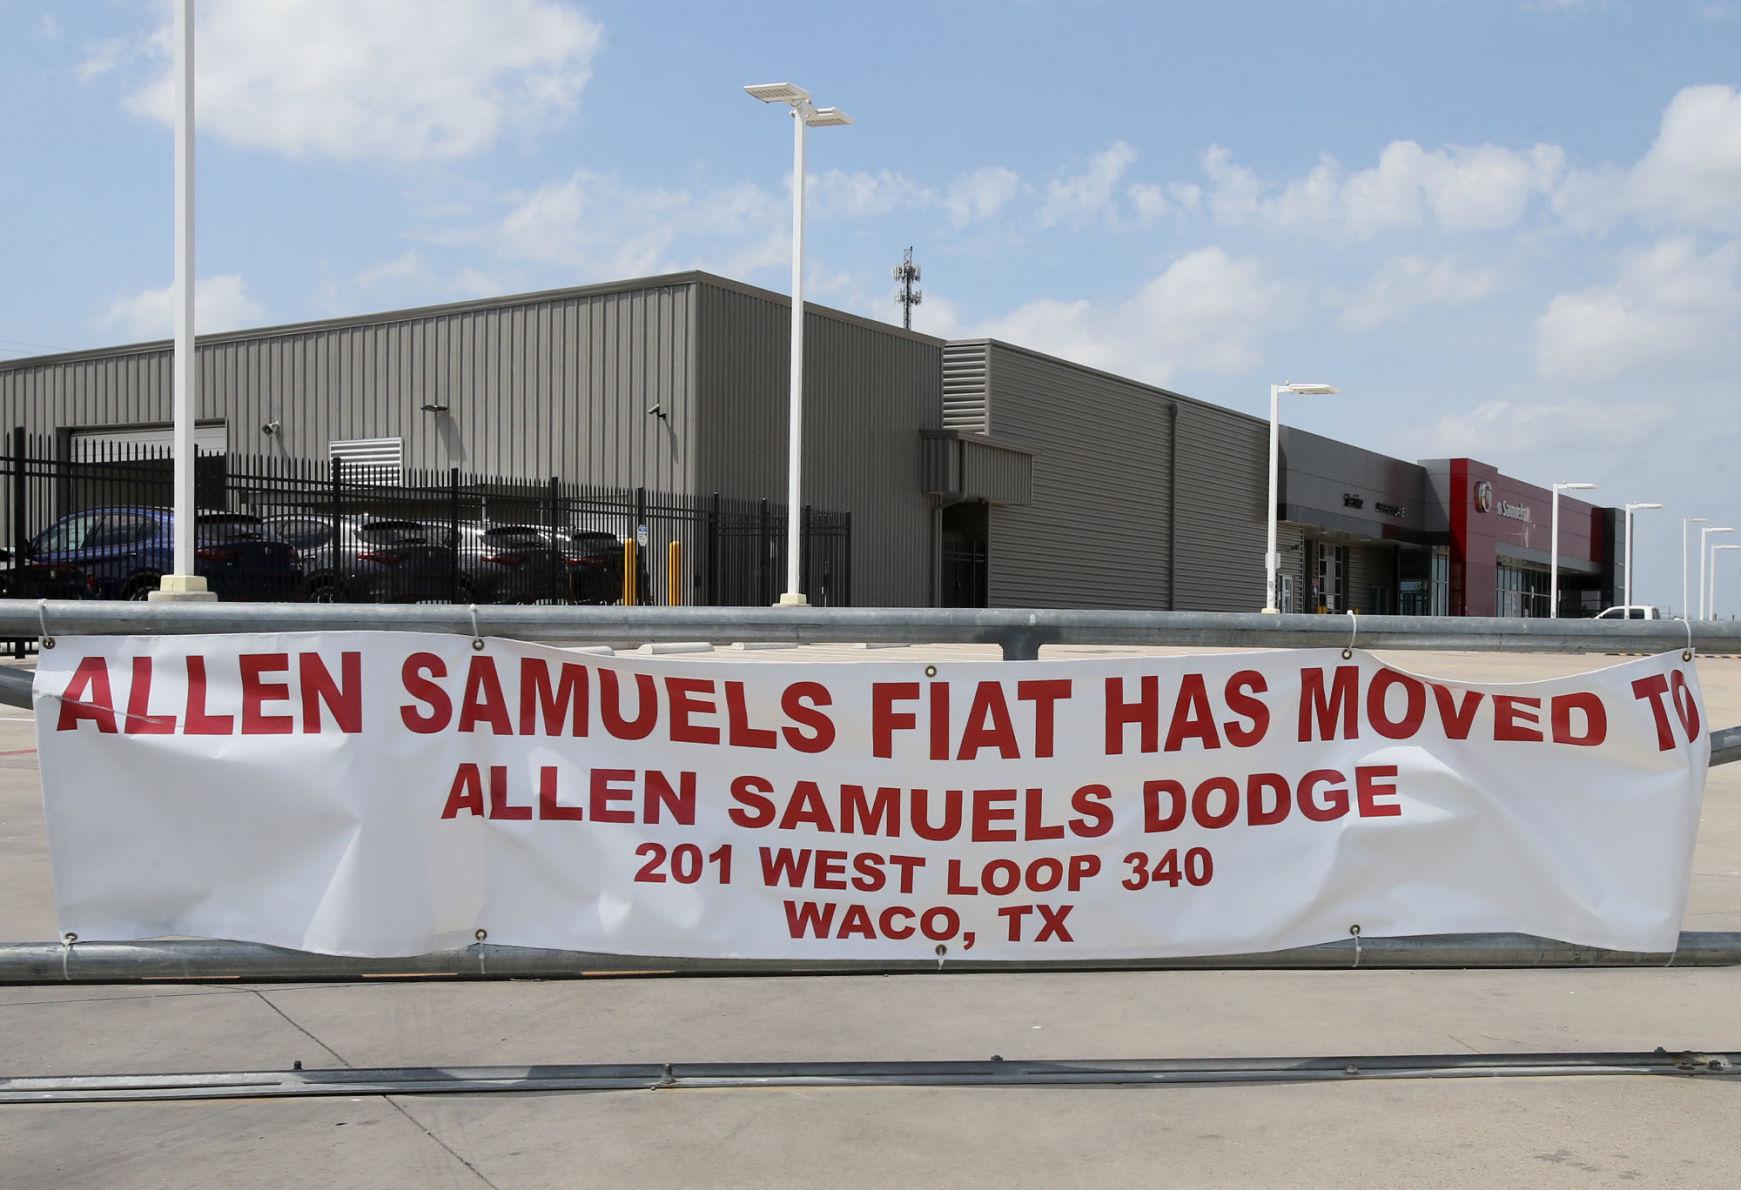 Fiat. Buy Now. Allen Samuels ...